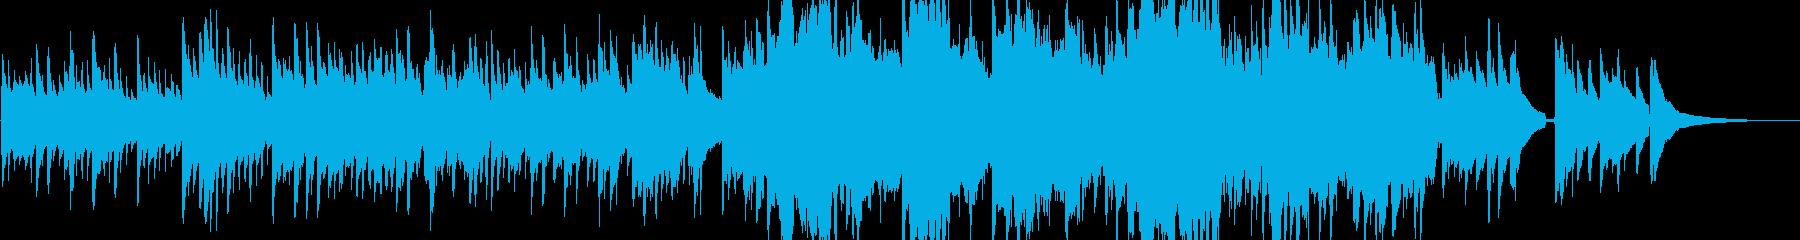 企業VP13 24bit44kHzVerの再生済みの波形